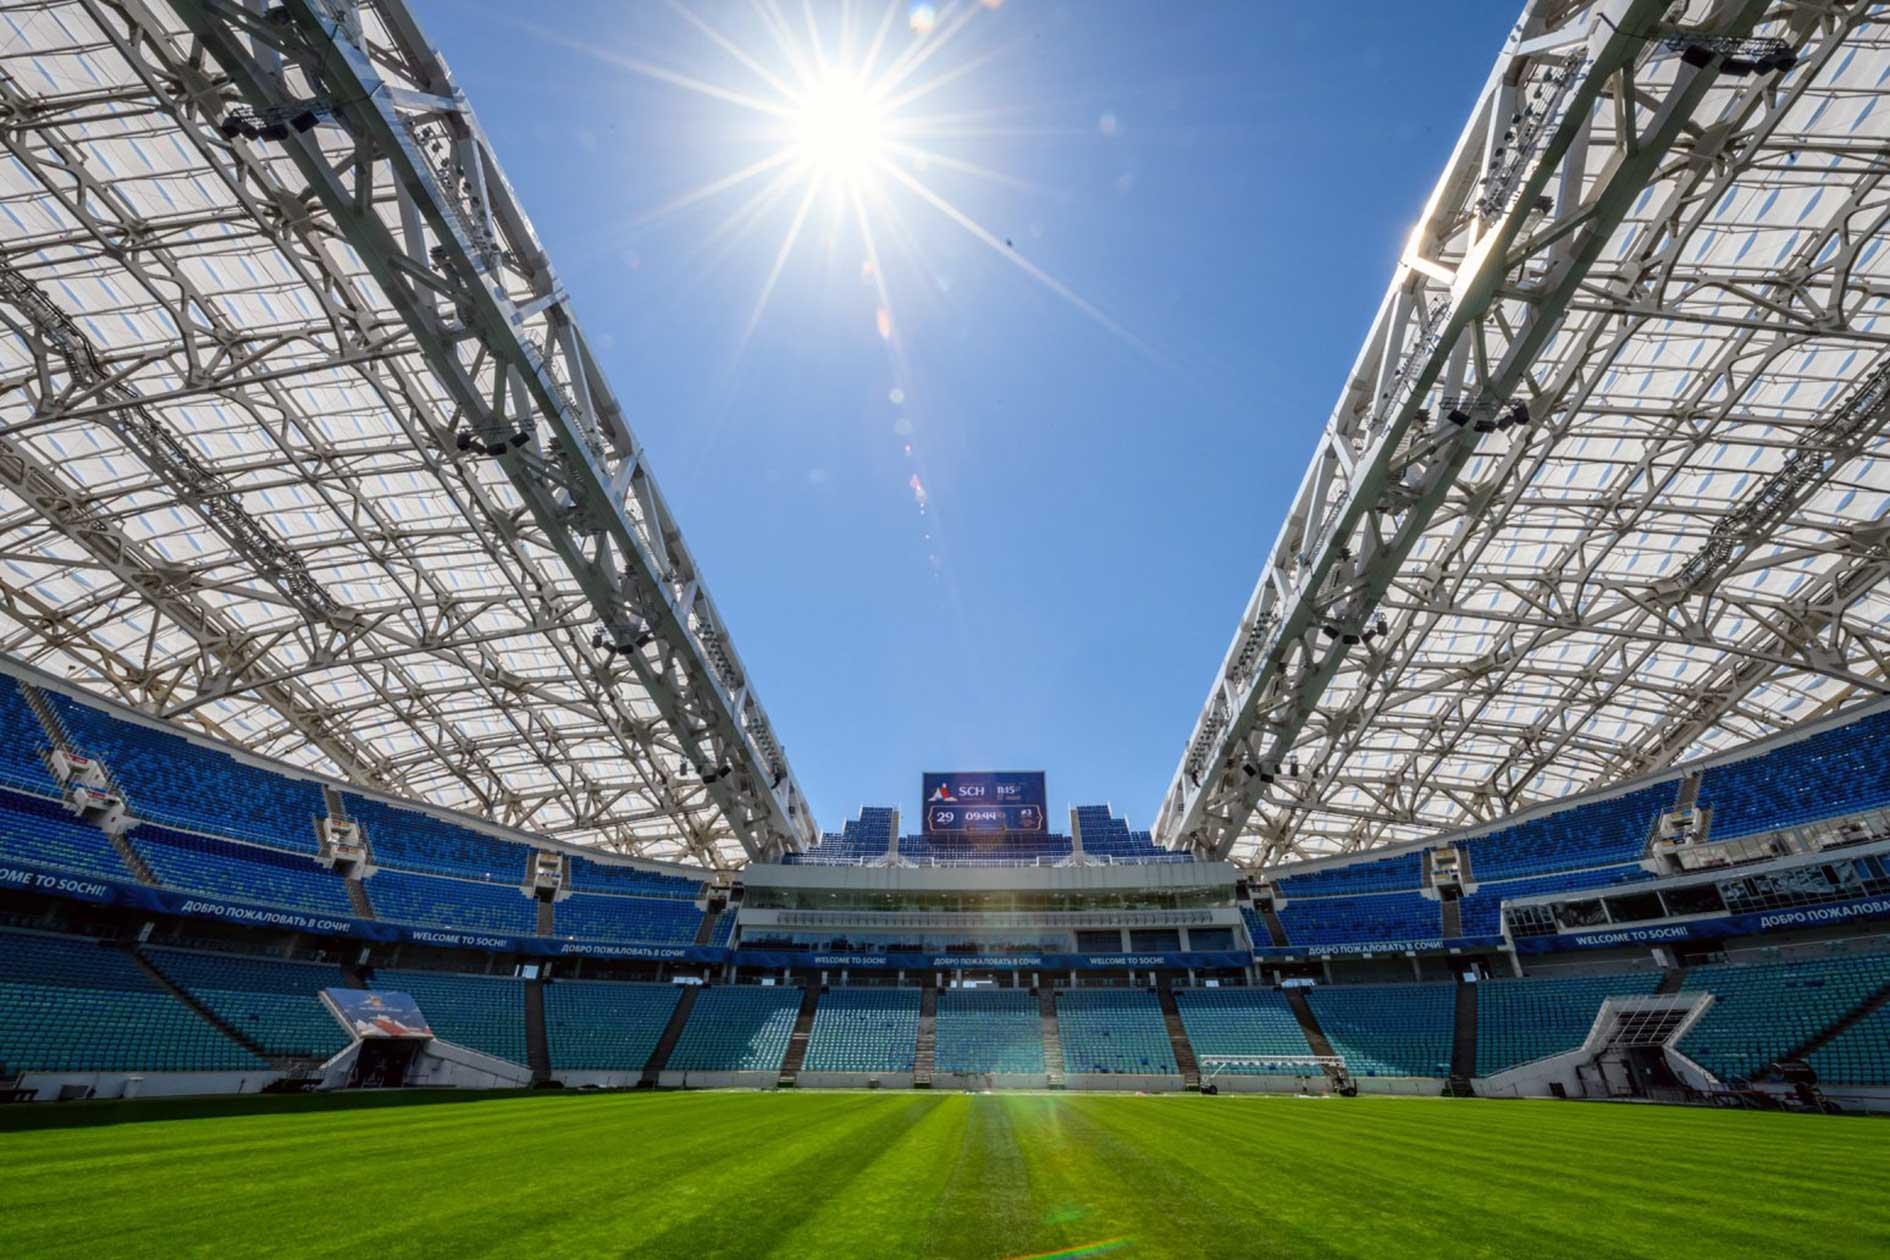 Estadio Olimpico Fisht